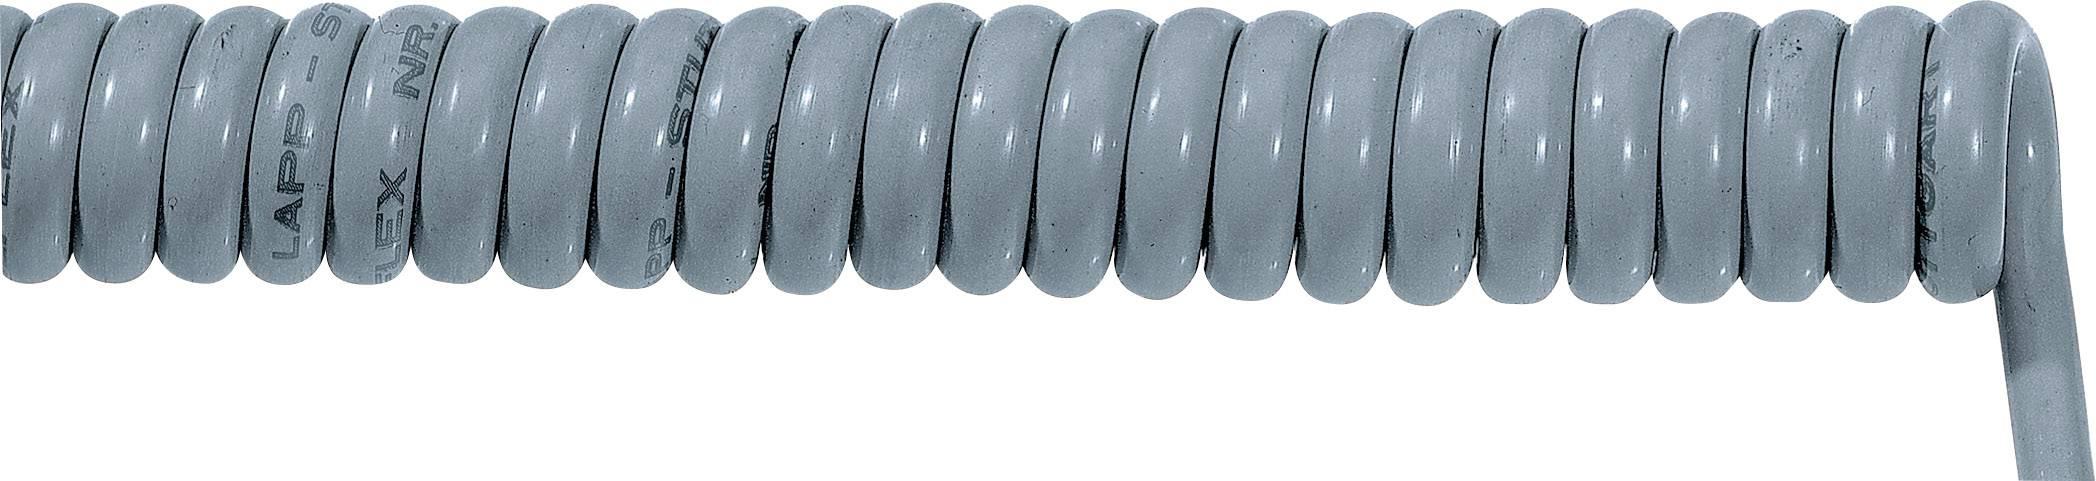 Špirálový kábel 70002731 ÖLFLEX® SPIRAL 400 P 12 x 0.75 mm², 500 mm / 1500 mm, sivá